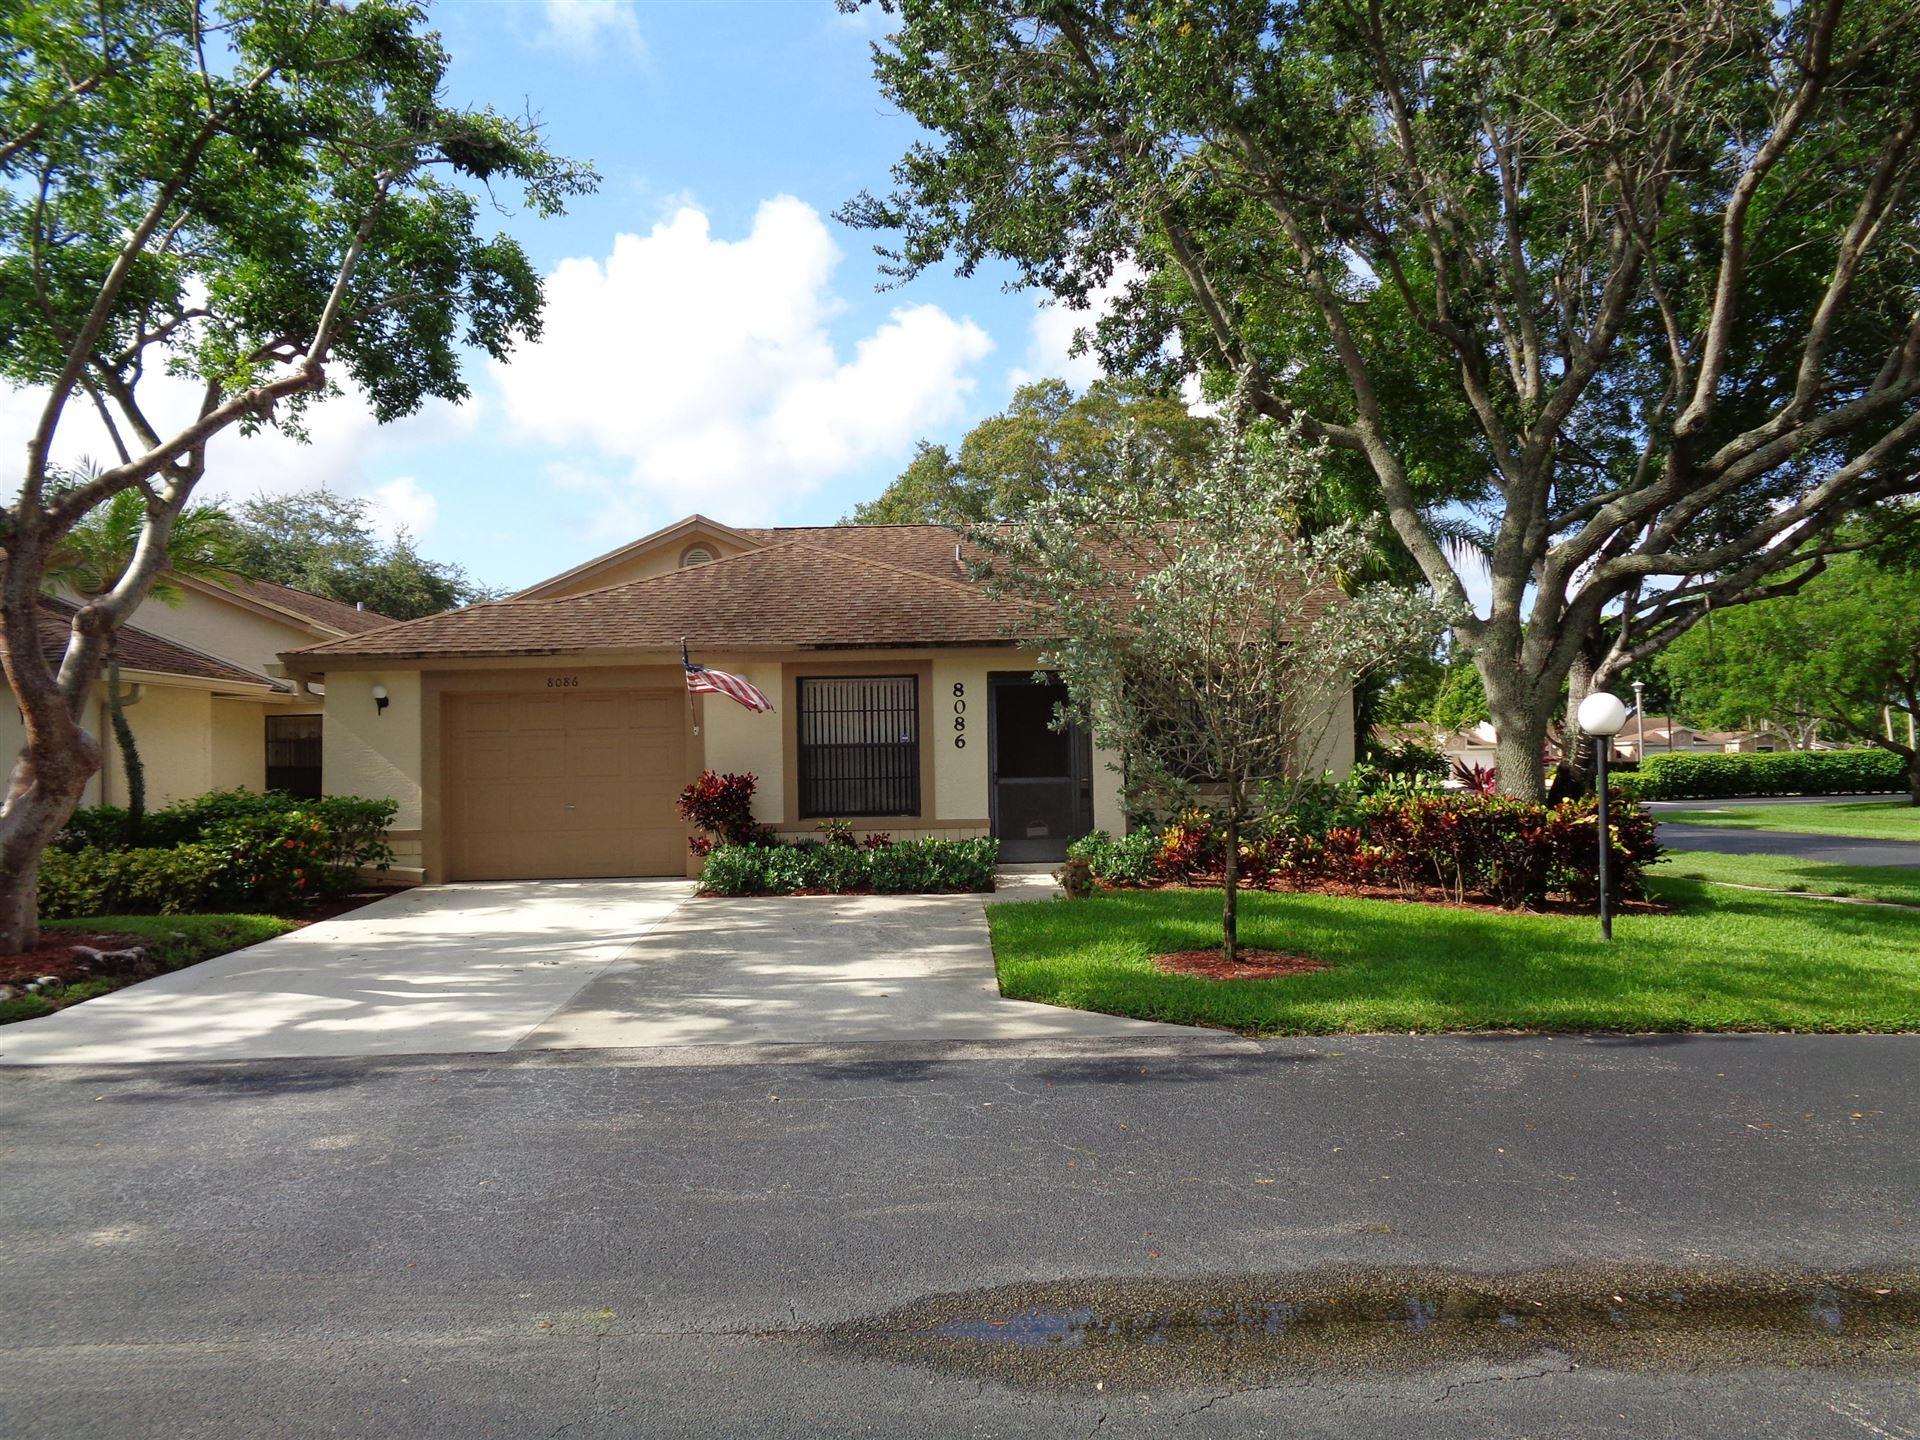 8086 Summerview Terrace #B, Boca Raton, FL 33496 - MLS#: RX-10716423